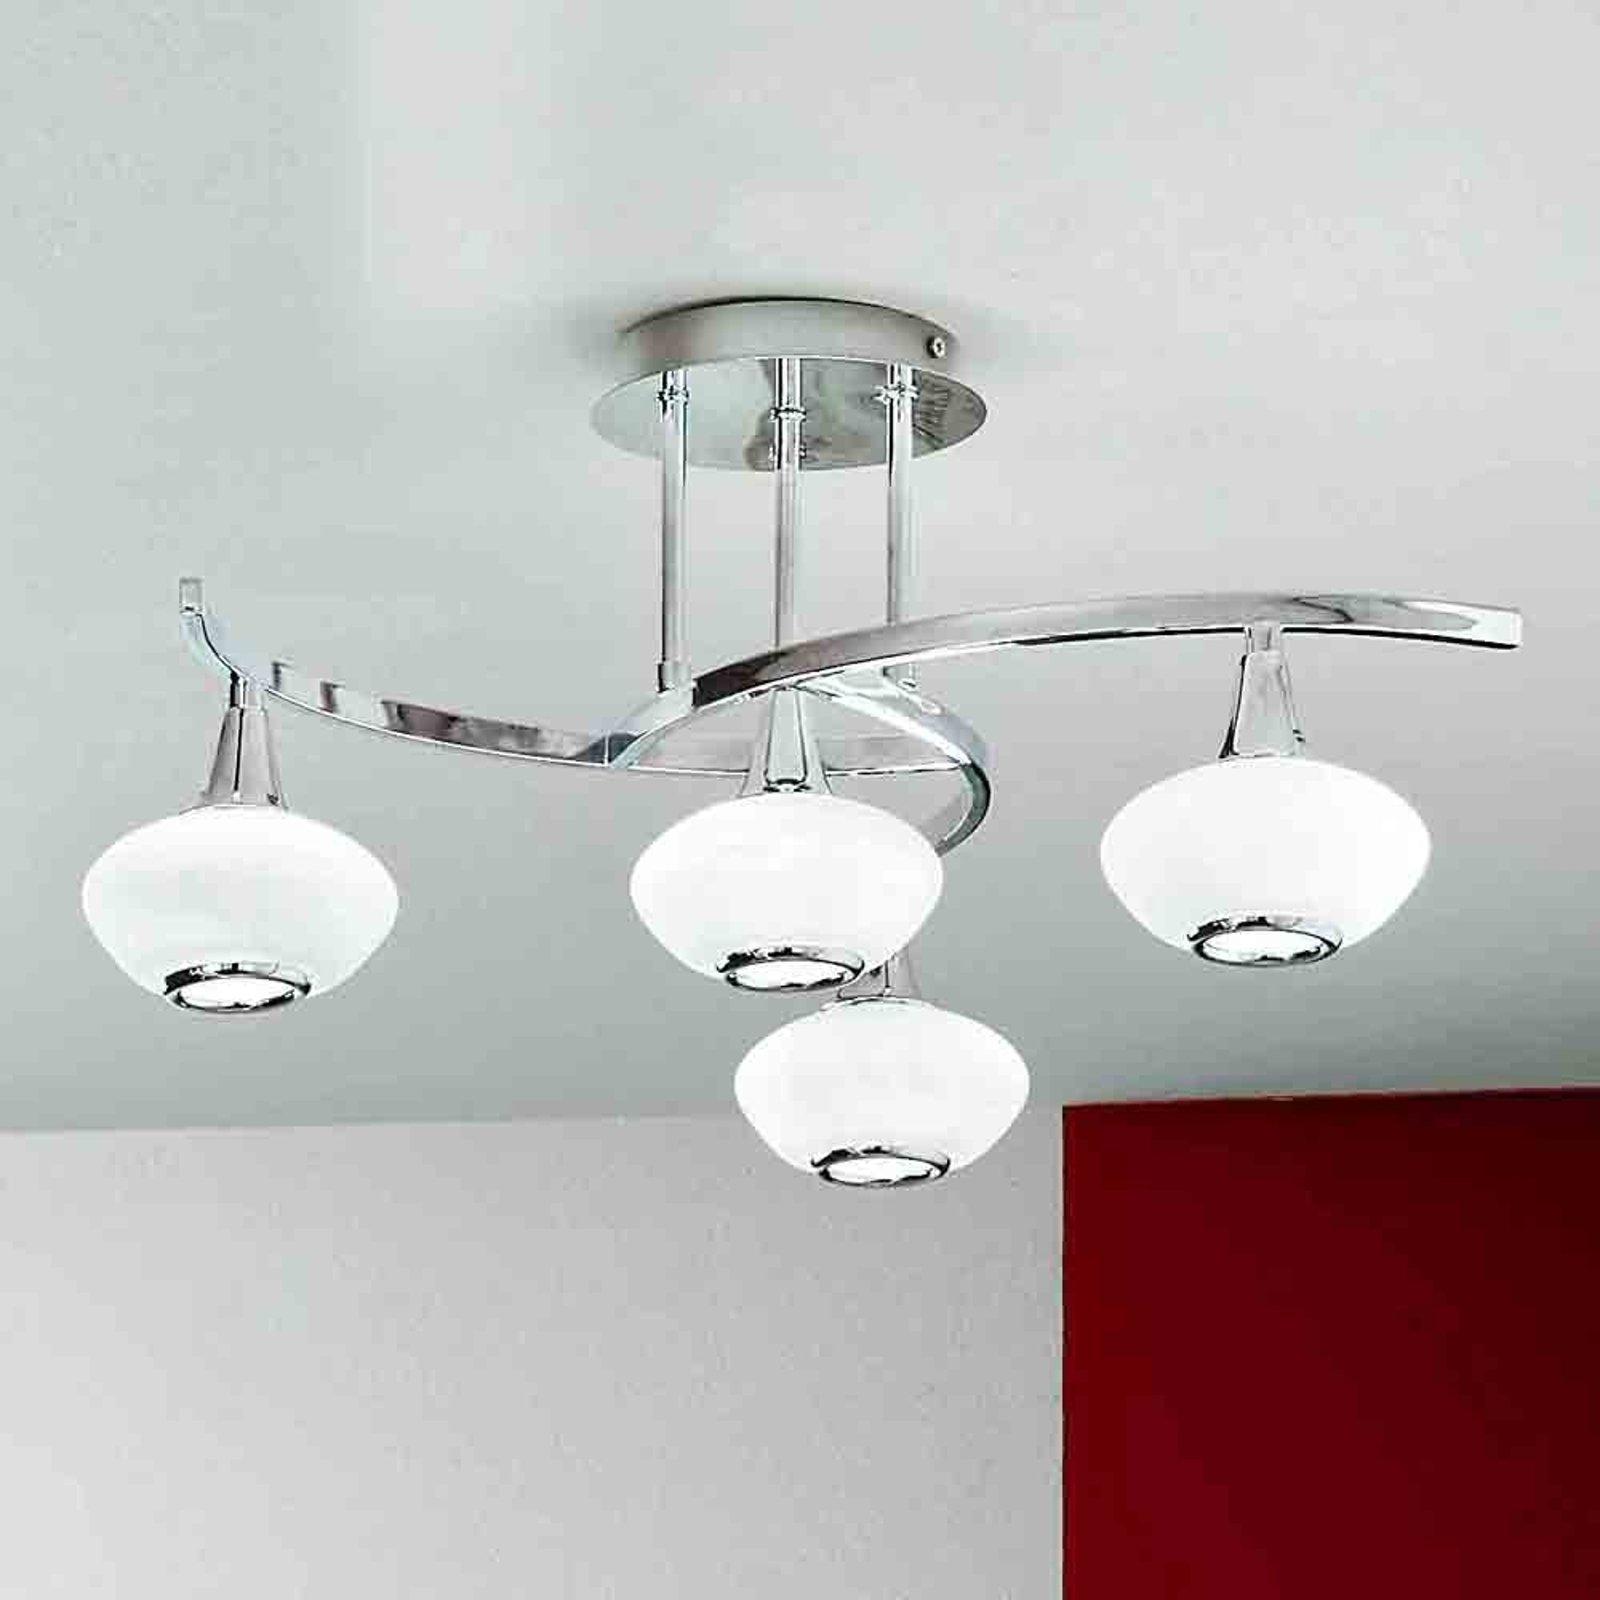 Interessant LURANA taklampe med fire lys